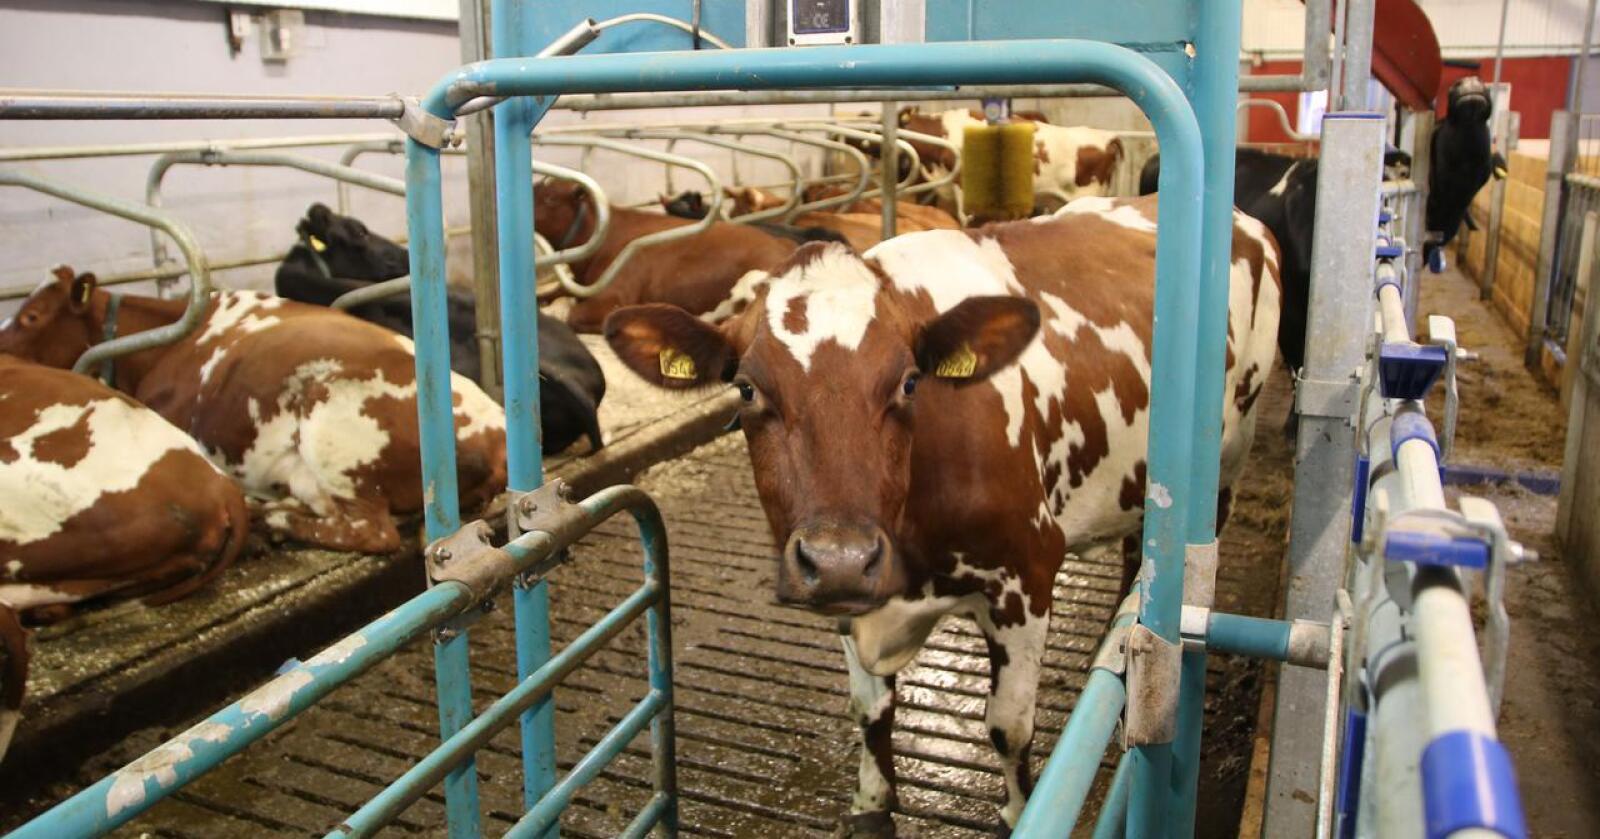 Regjeringa vil ha på plass ei investeringsordning for mjølkebruk. Dei vil også redusere kvotetaket for kumjølk ned til 500 000 liter og innføre tak på tilskot i all produksjon. (Foto: Karl Erik Berge)